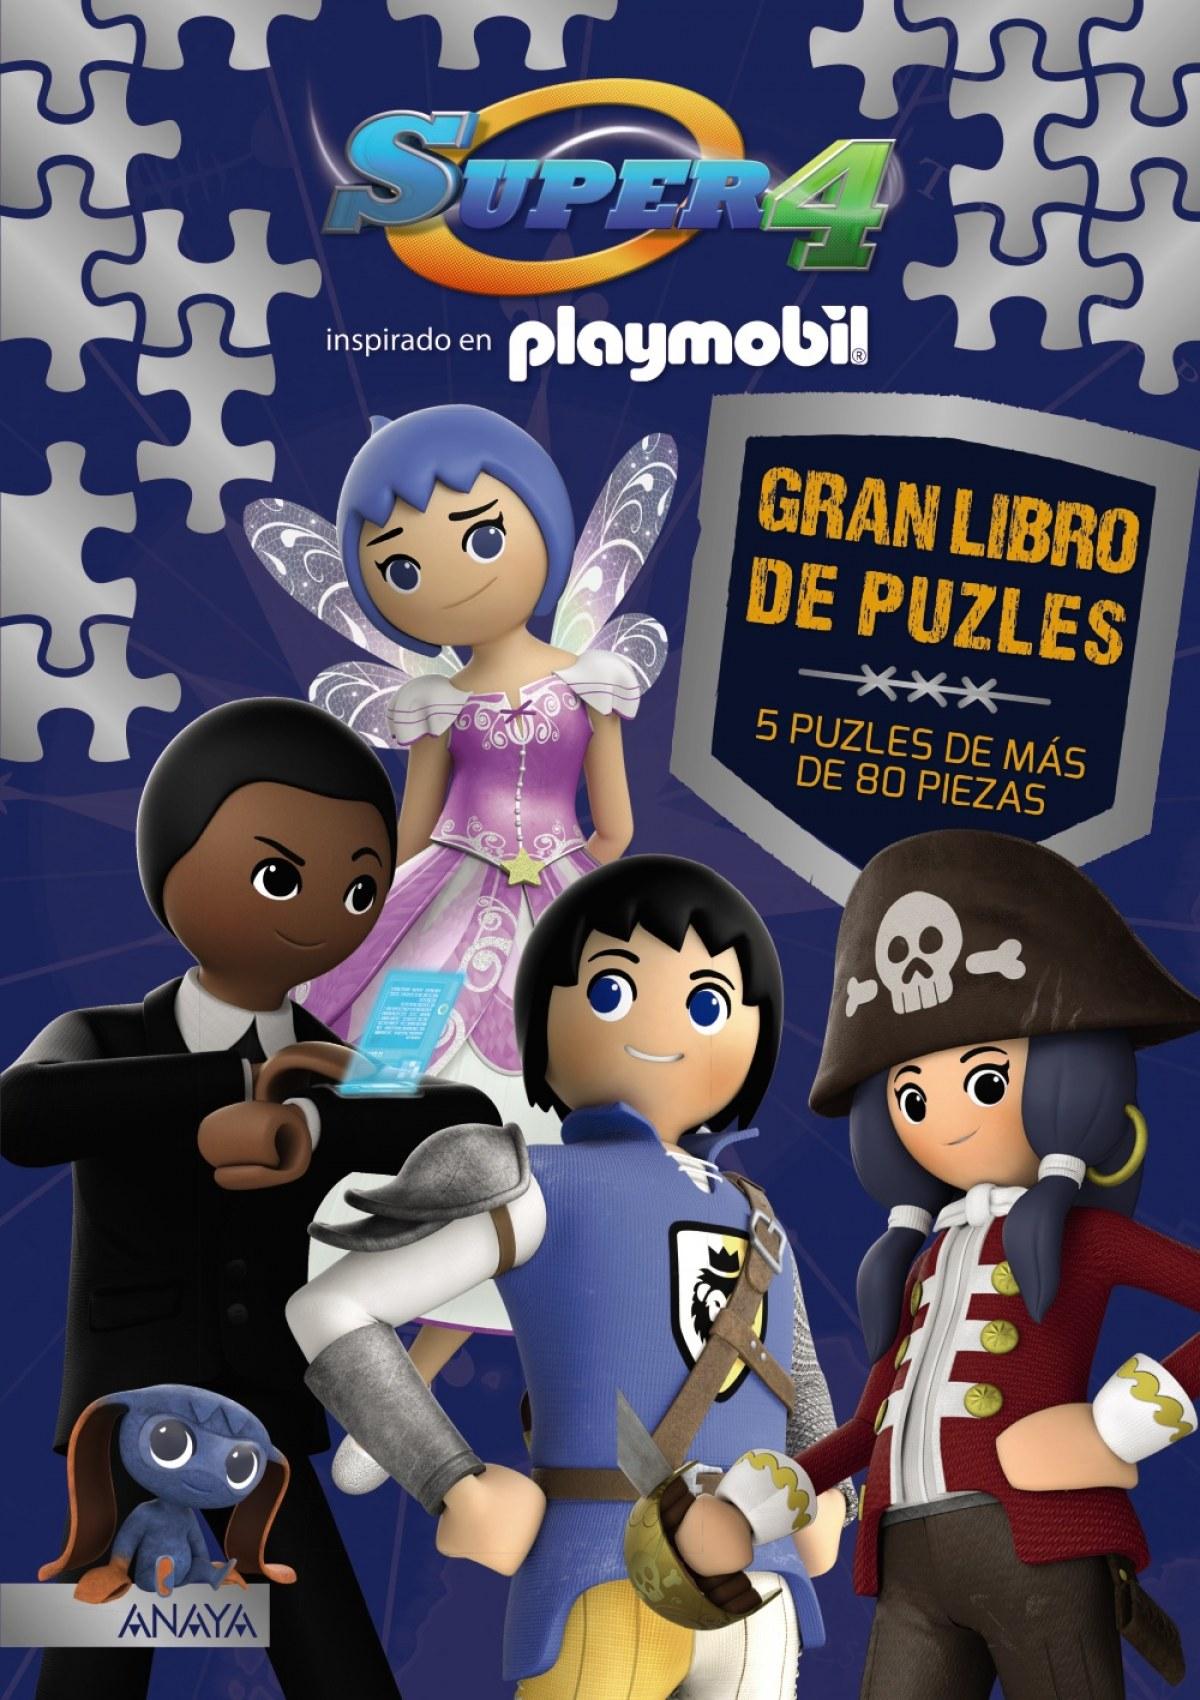 GRAN LIBRO DE PUZLES